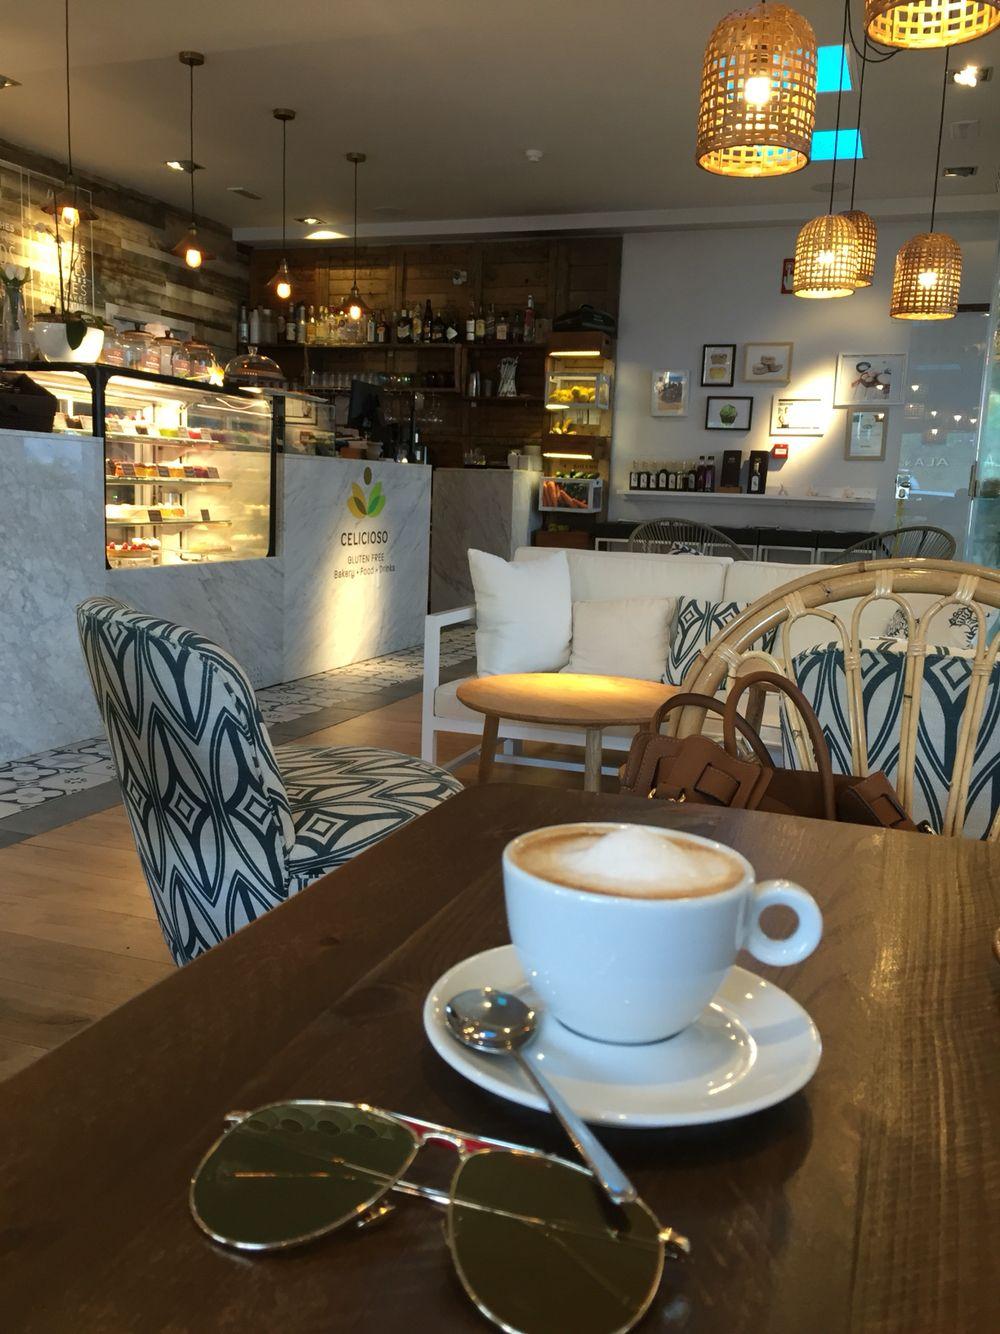 Marbella Celicioso Puente Romano Cafe Hotel